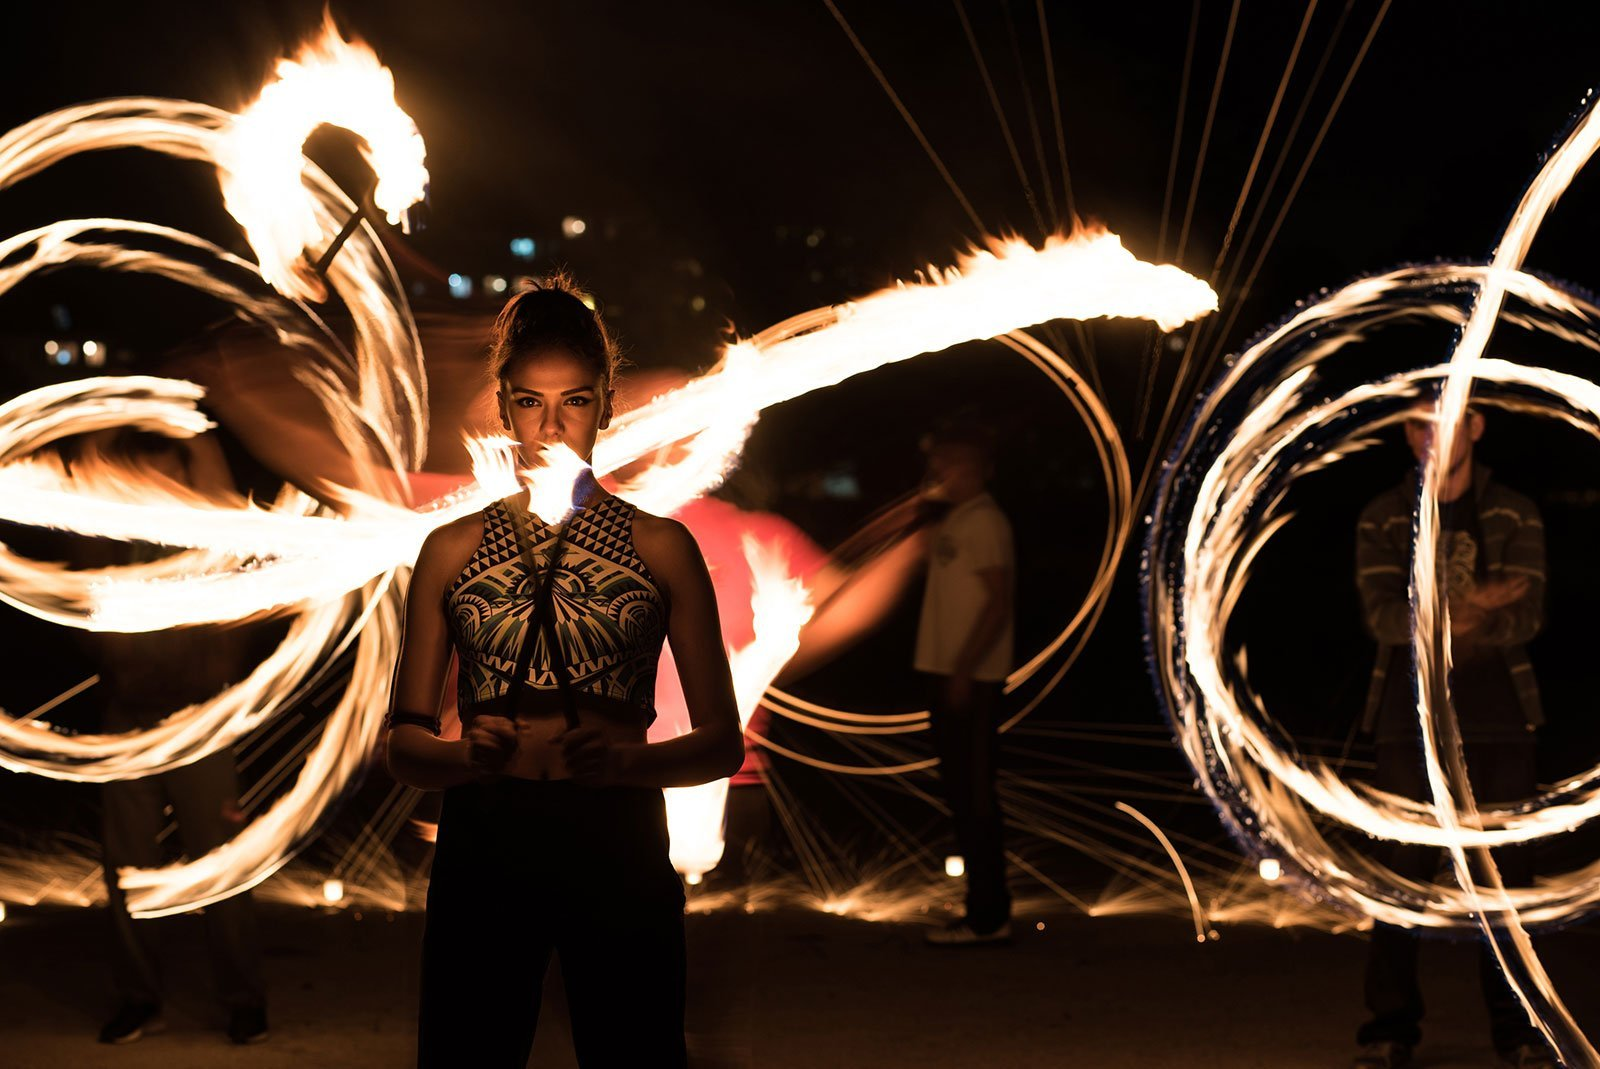 Ragazza in piedi e in possesso di torcia fiammeggiante con luce di fuoco